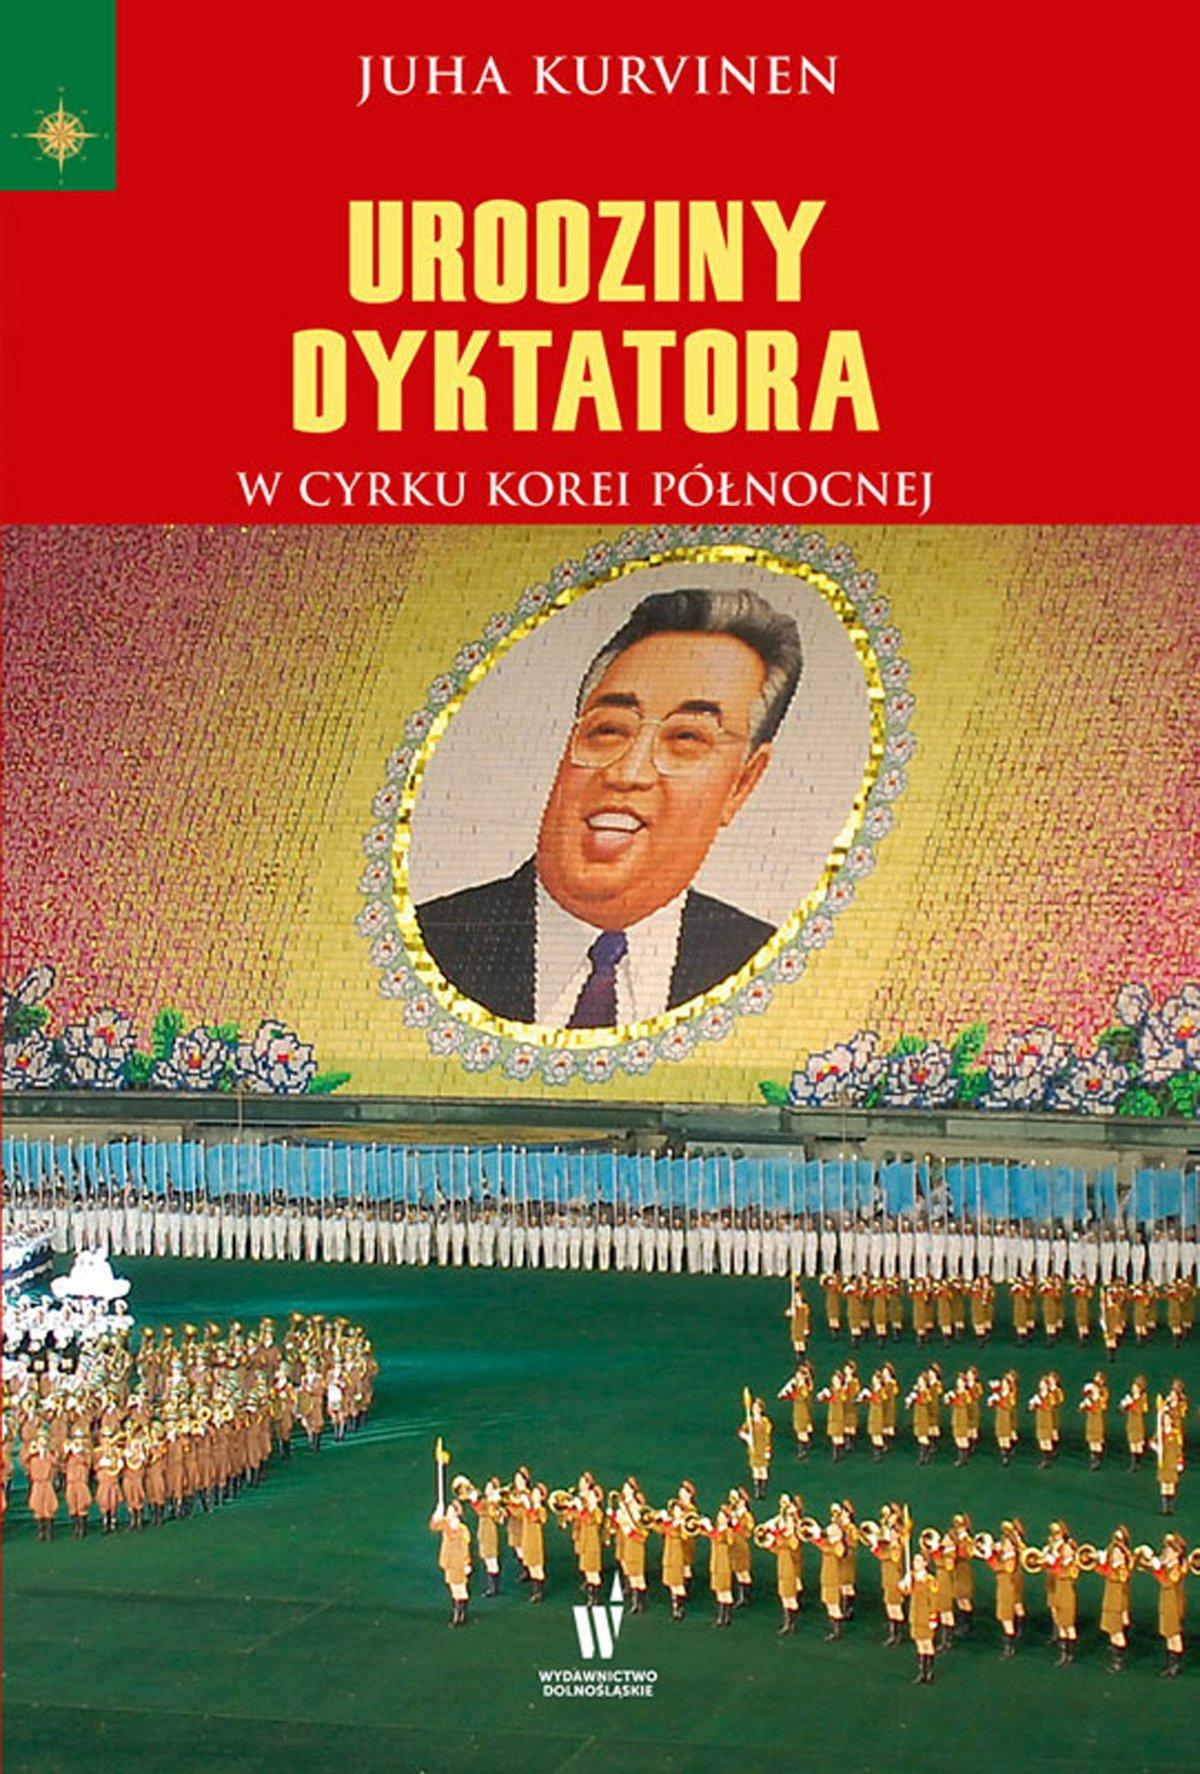 Urodziny dyktatora - Ebook (Książka EPUB) do pobrania w formacie EPUB